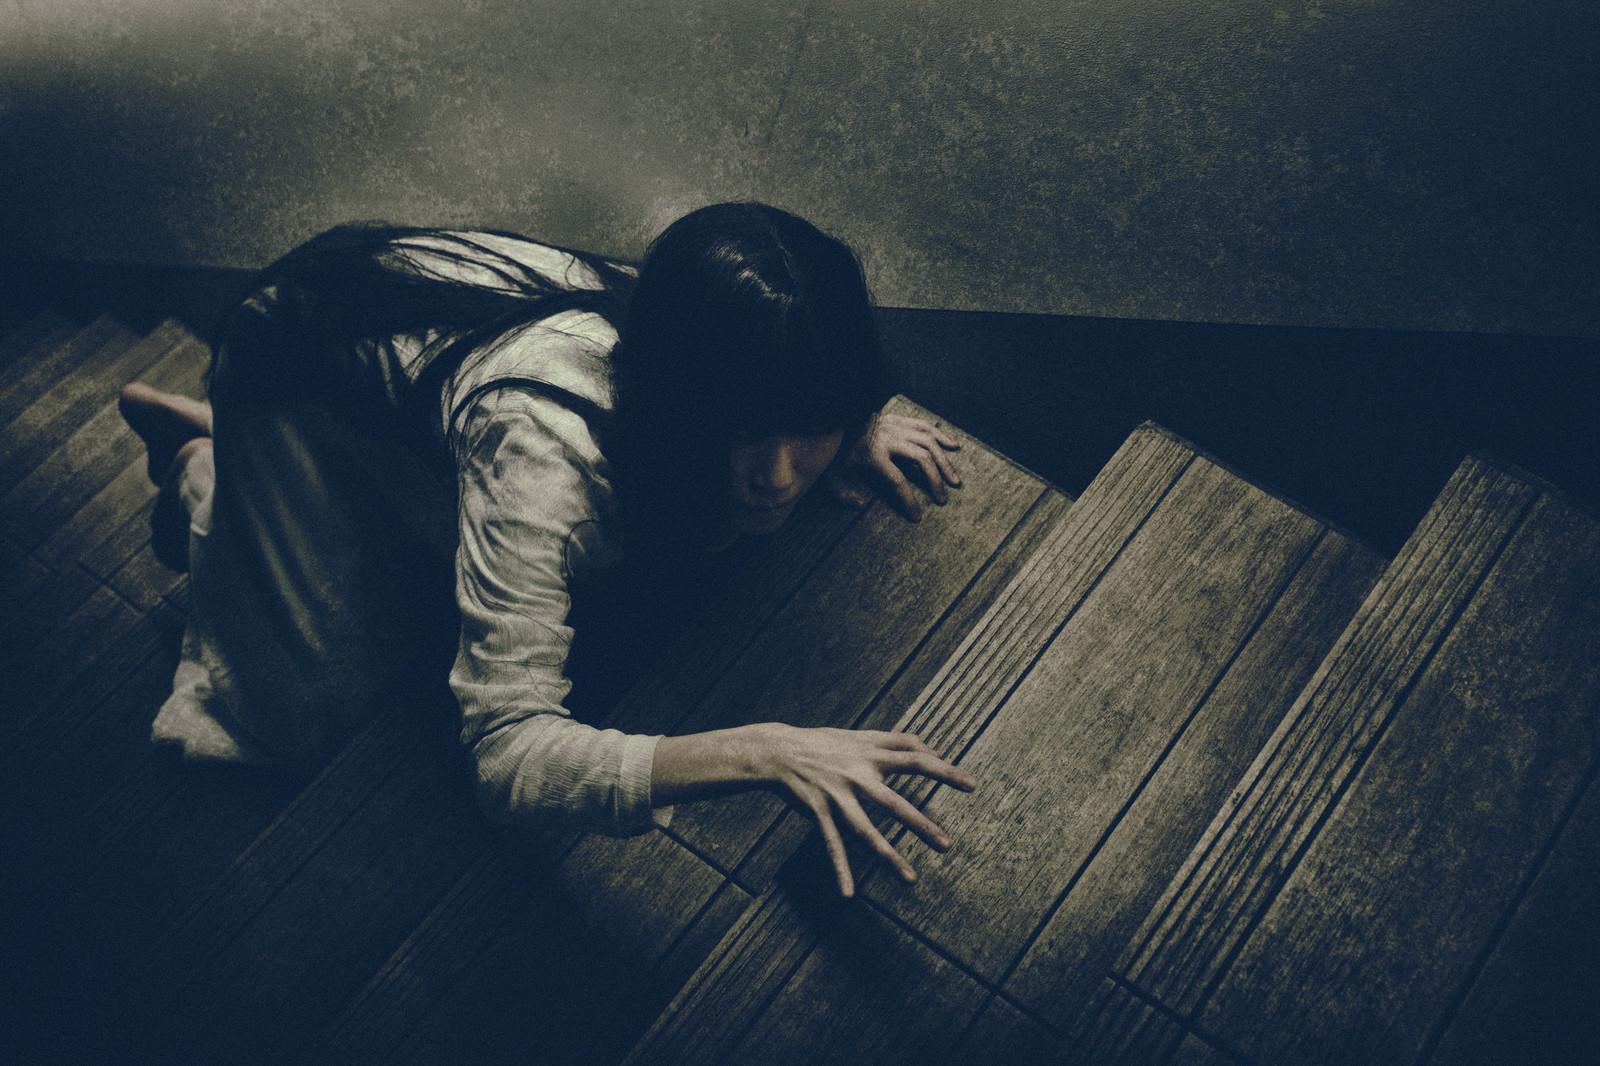 「物音を立てないように階段を上る女性 | 写真の無料素材・フリー素材 - ぱくたそ」の写真[モデル:緋真煉]